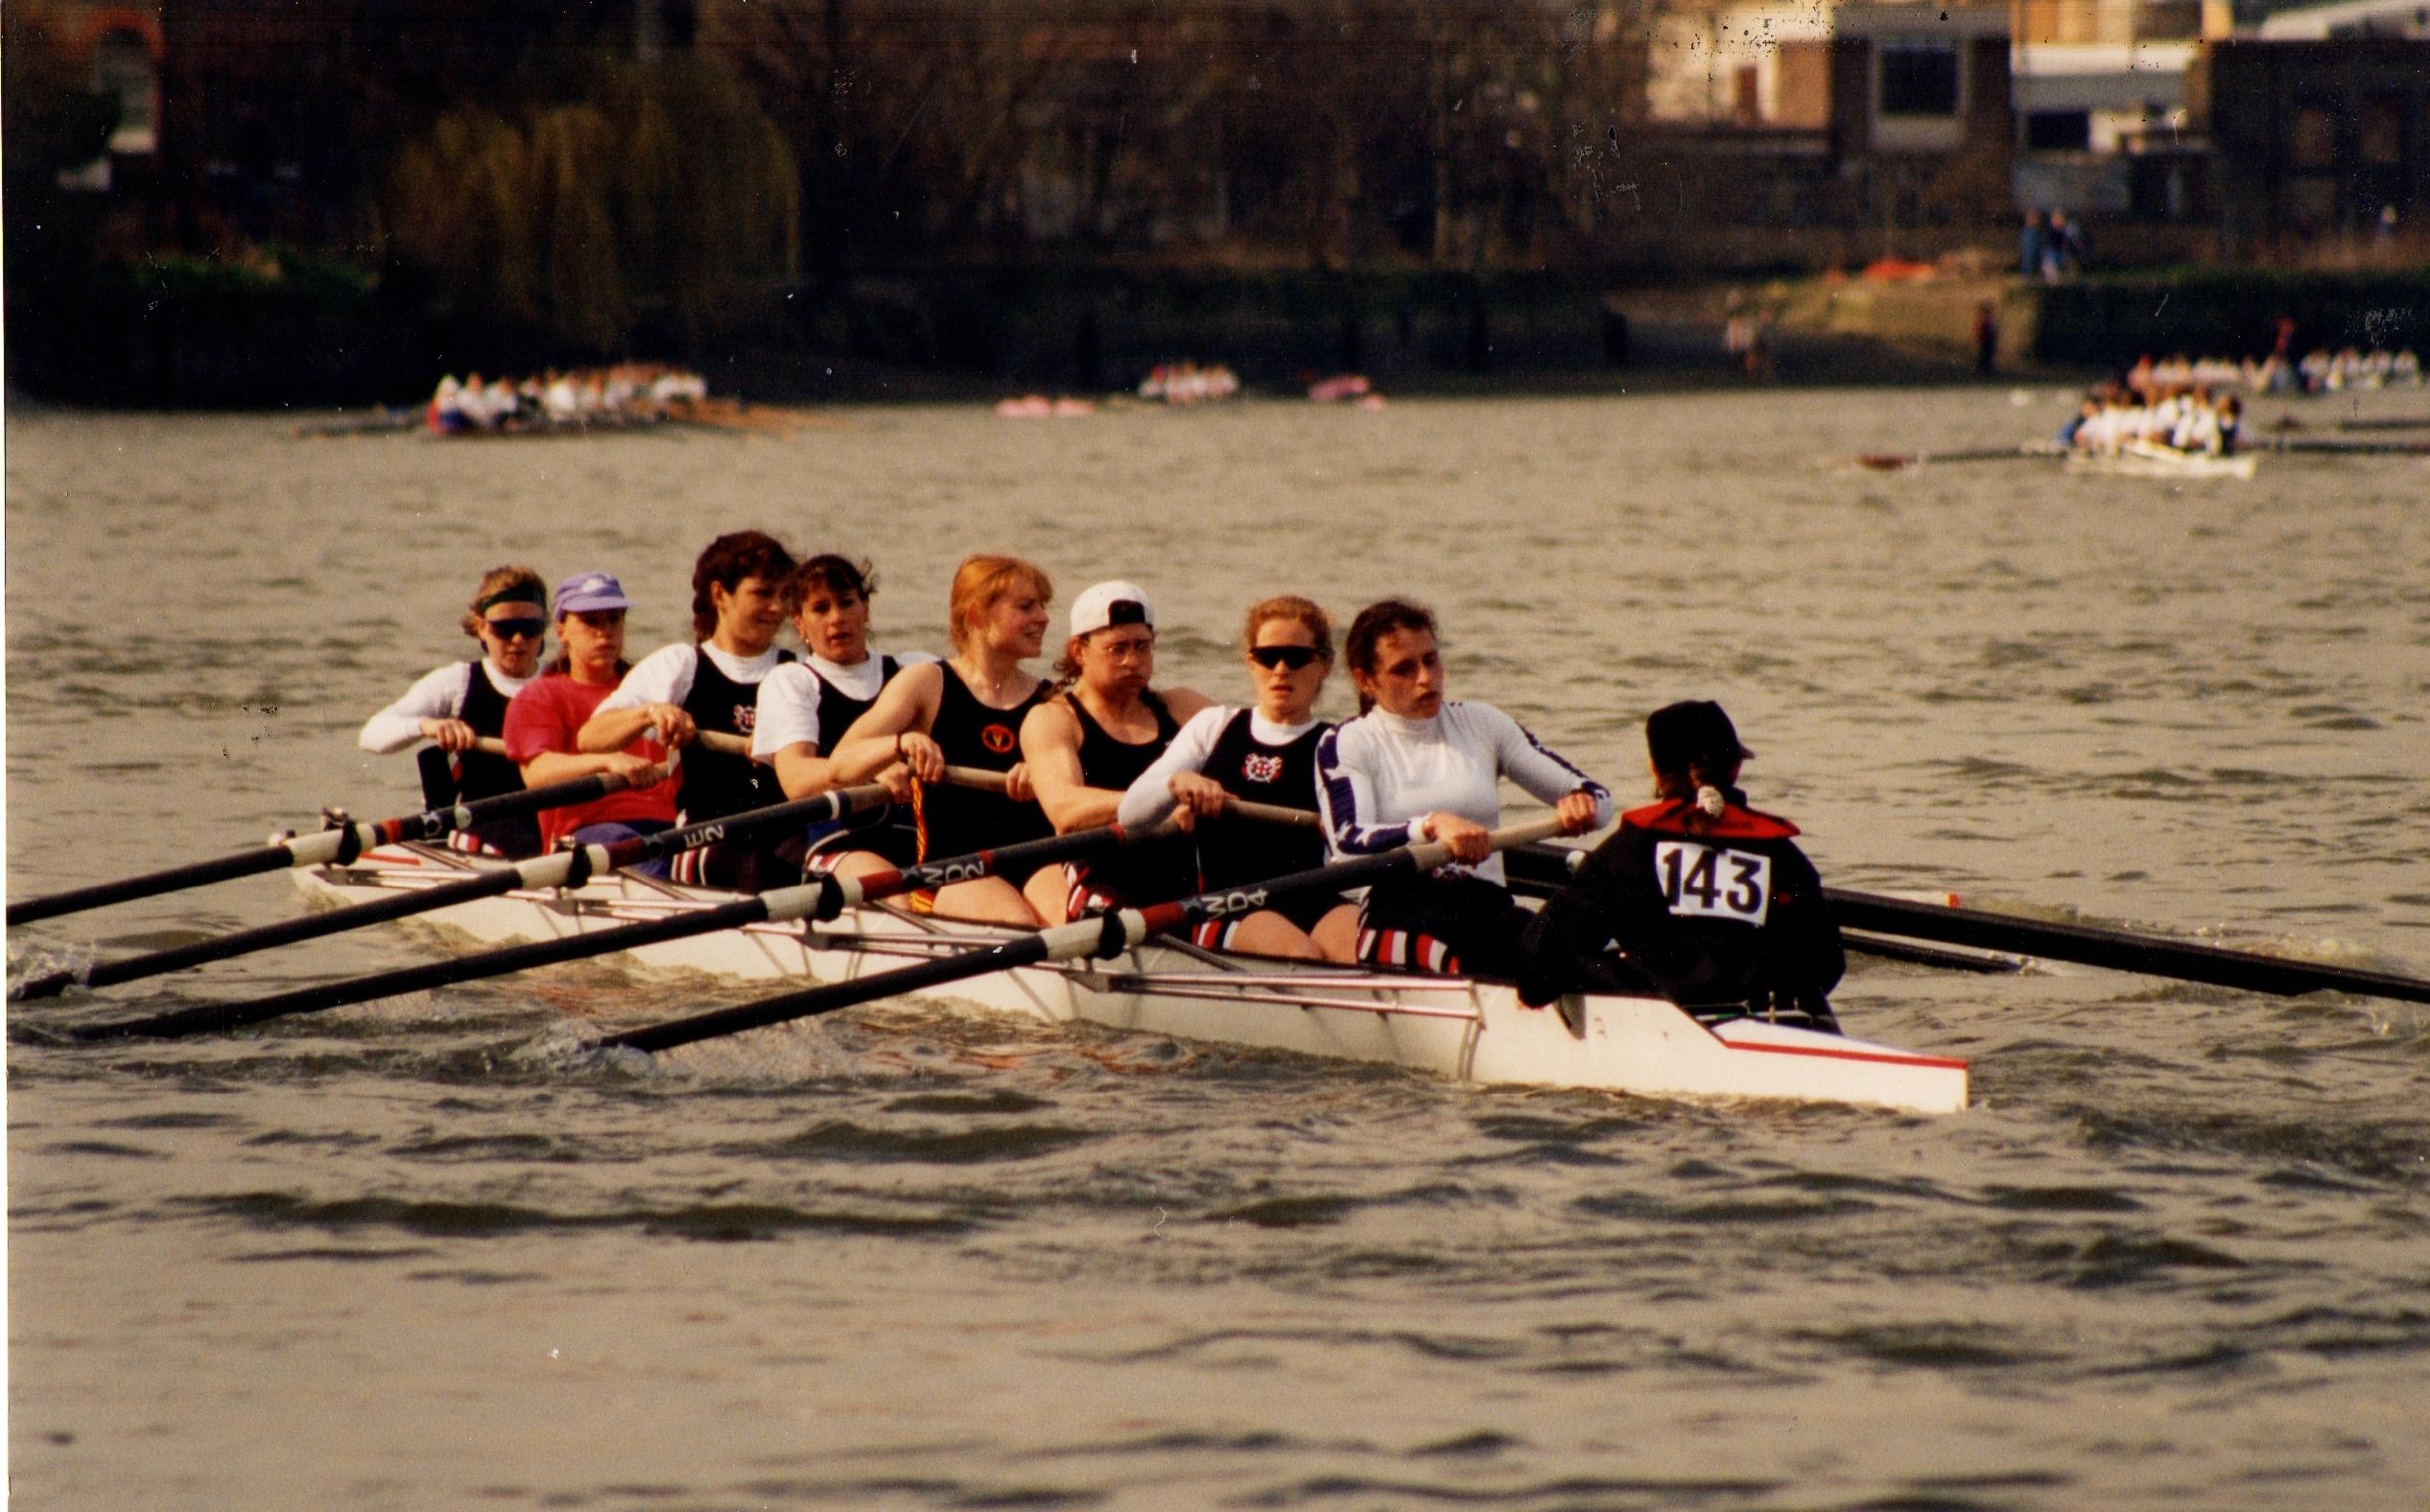 Women's eight racing